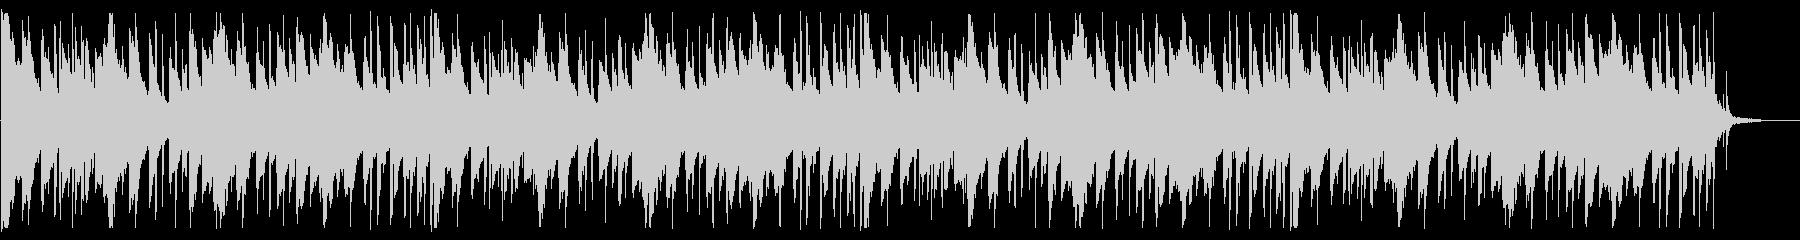 落ち着いたピコピコとしたBGM_5の未再生の波形